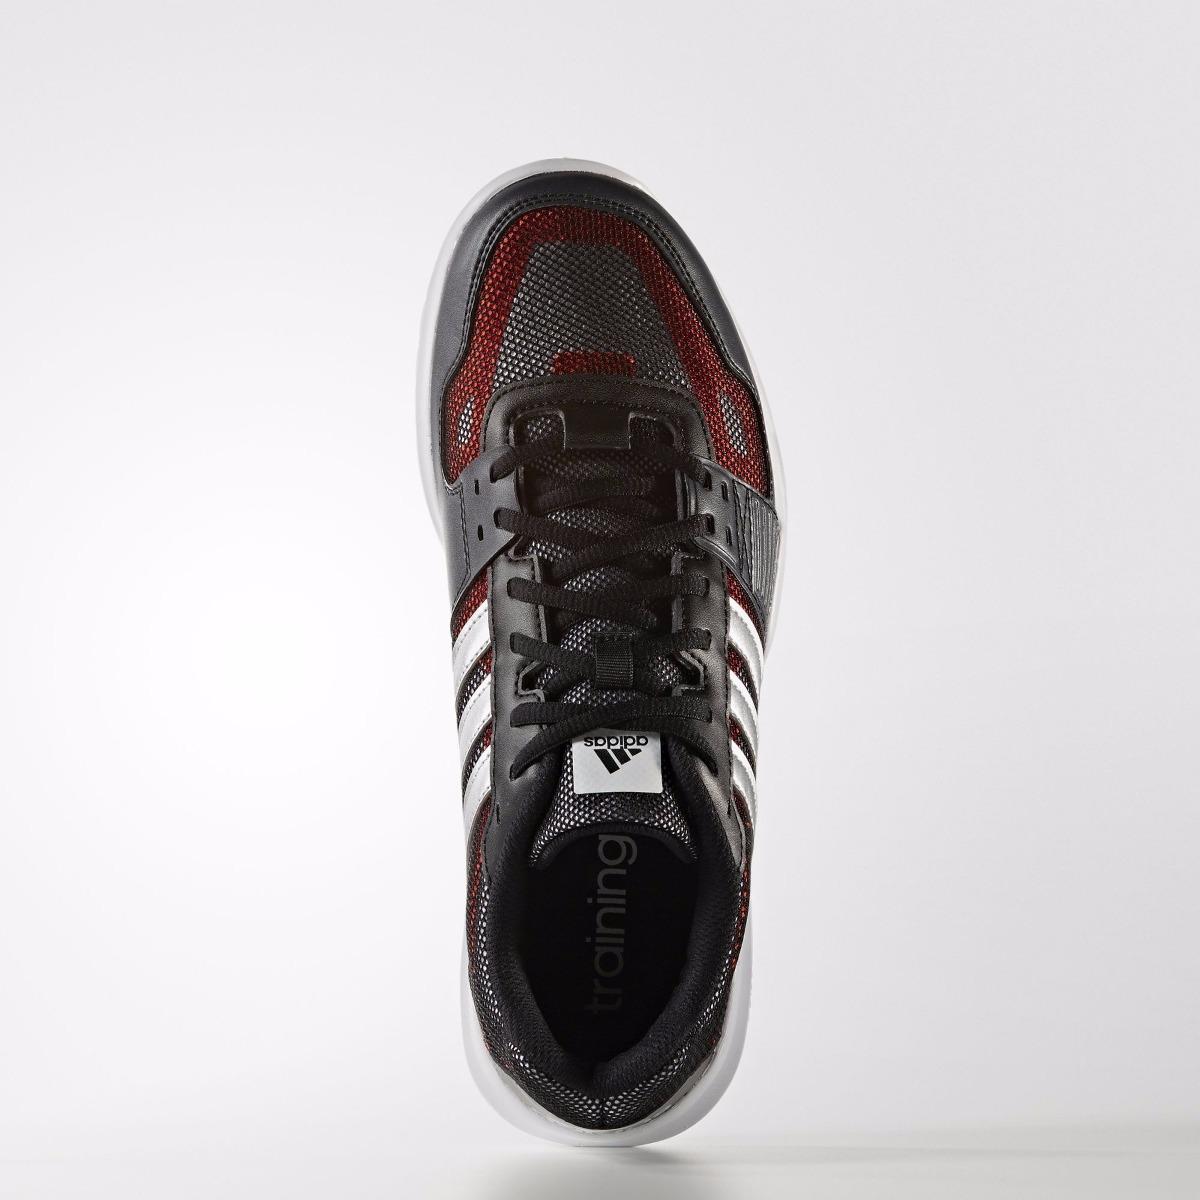 4c2f992d Tenis Atleticos Essential Star .2 Hombre adidas Aq6165 - $ 649.00 en ...